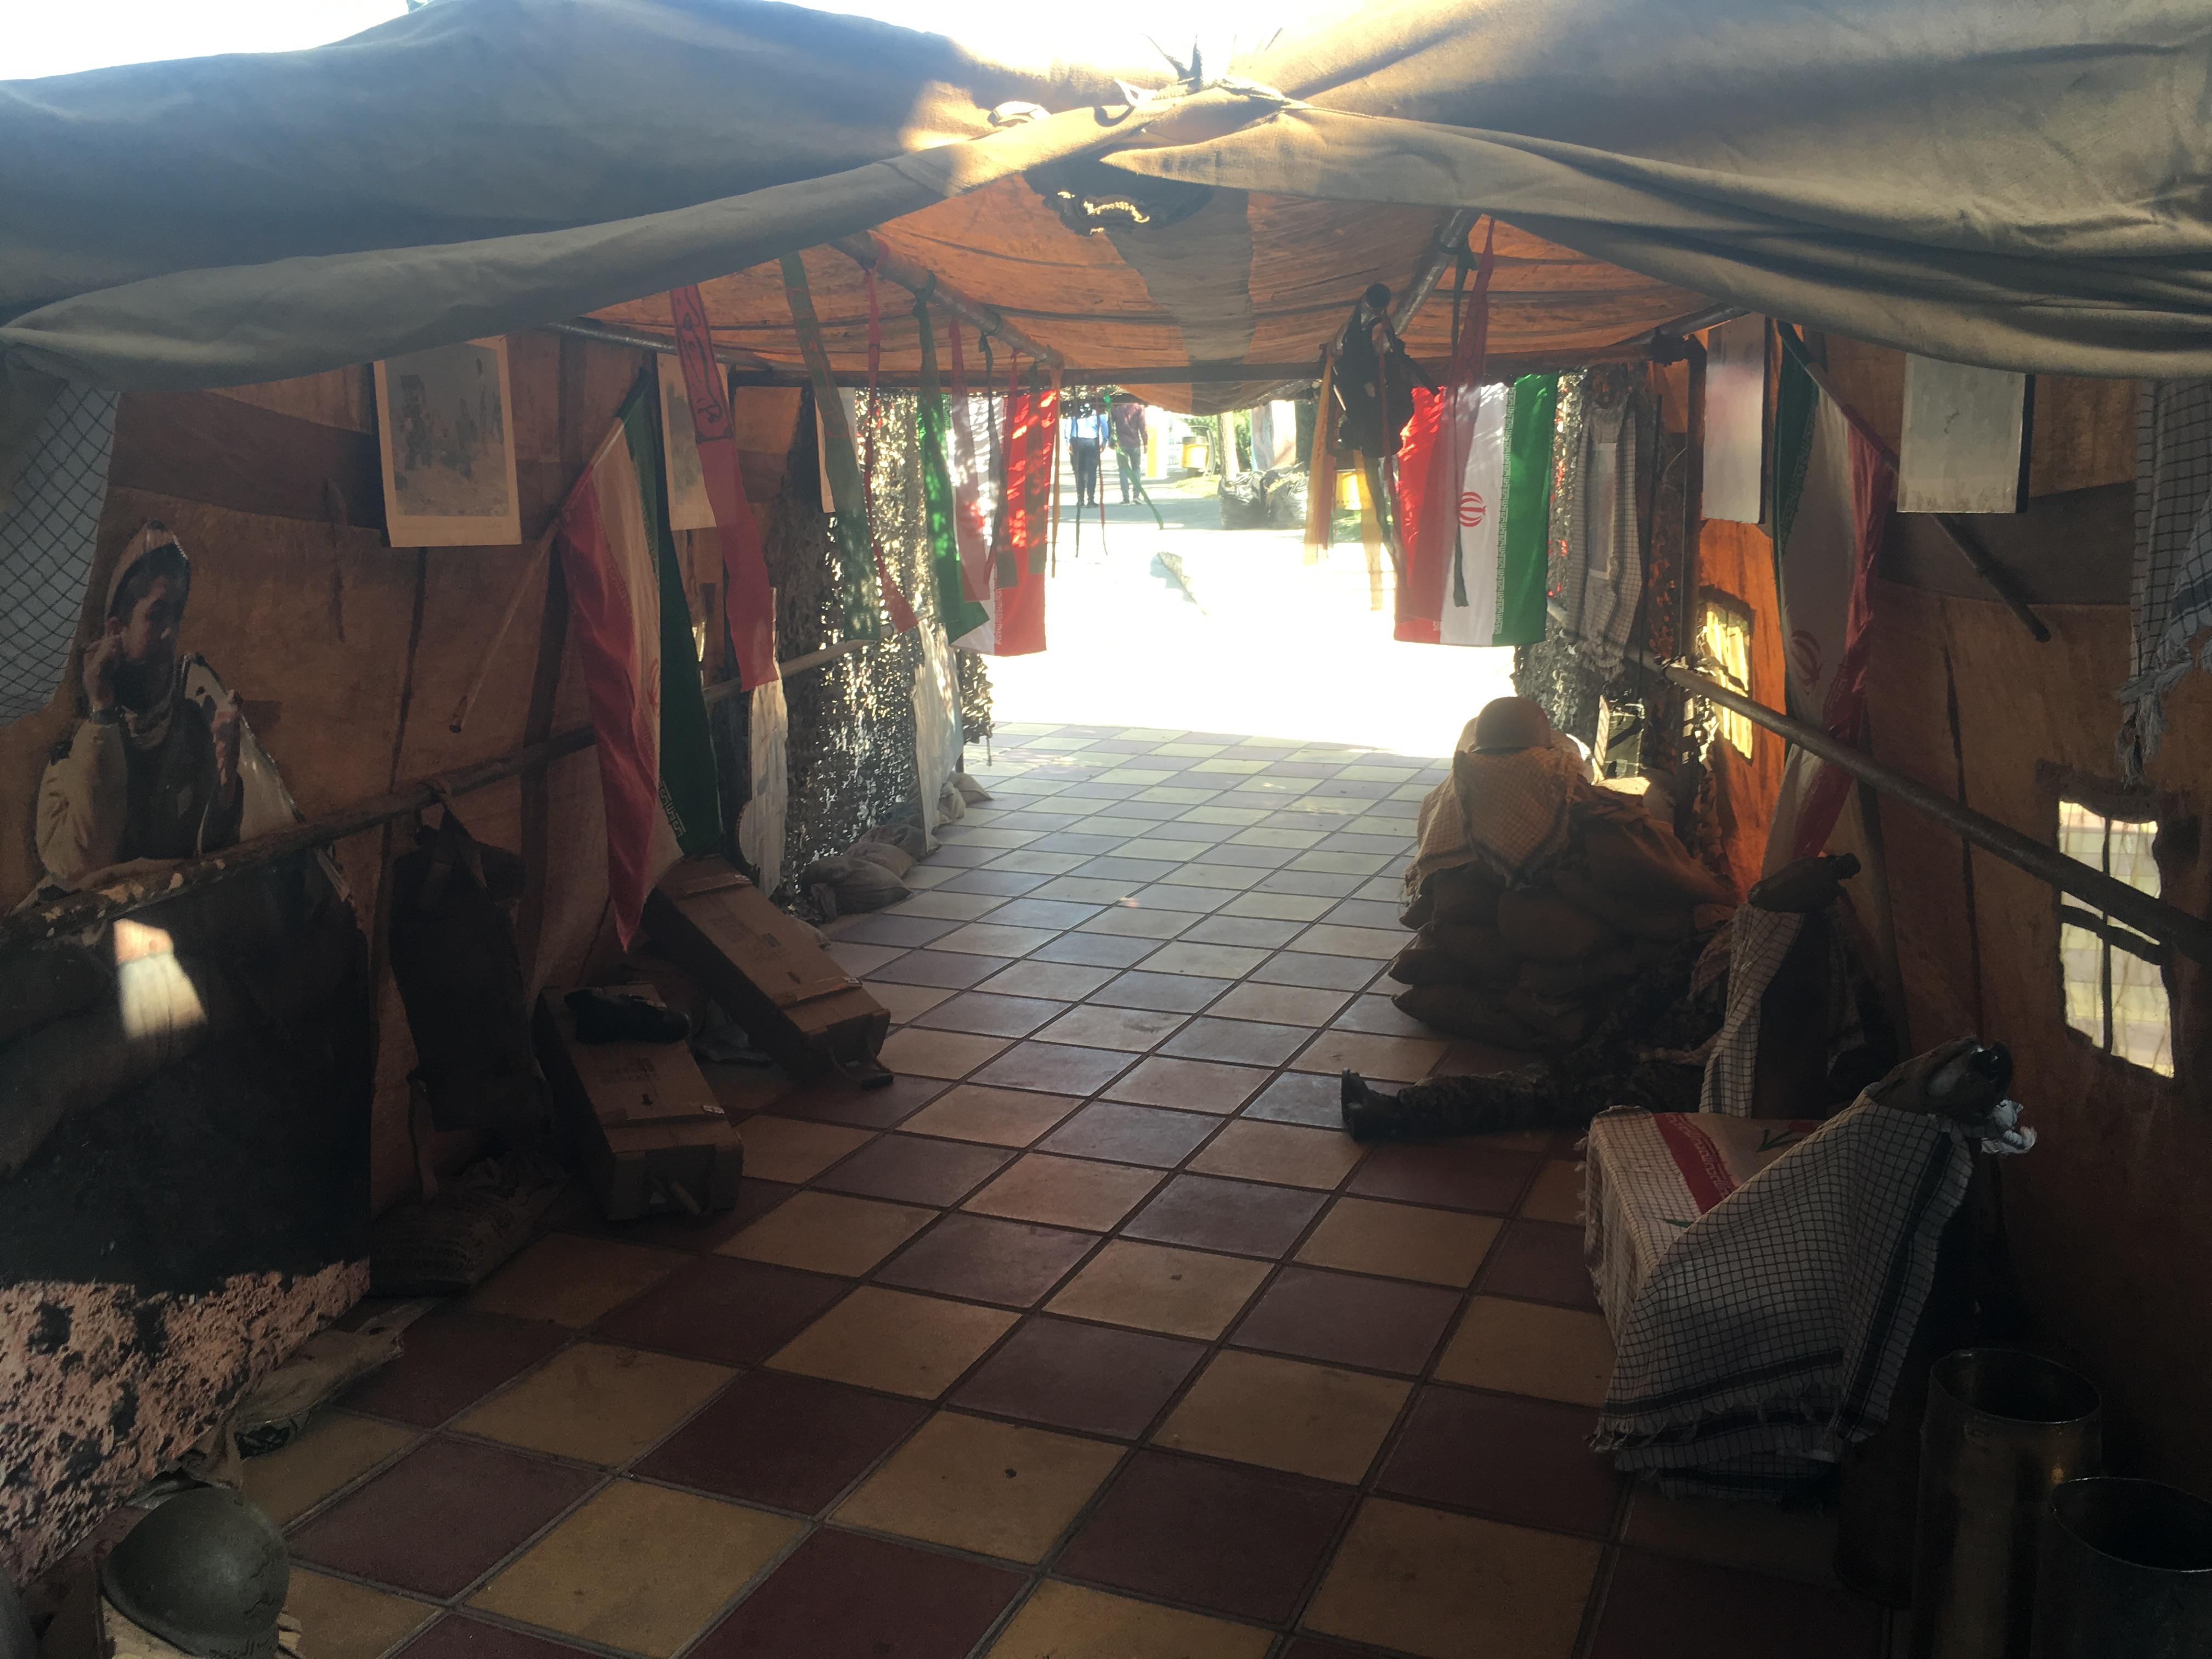 برگزاری نمایشگاه هفته دفاع مقدس در ساختمان منطقه یک شهرداری فردیس